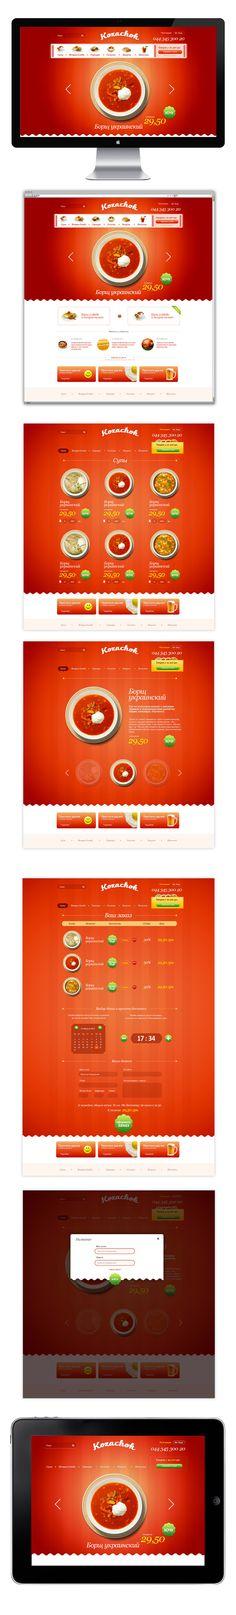 Kozachok online food shop by Apostol Nikolay, via Behance